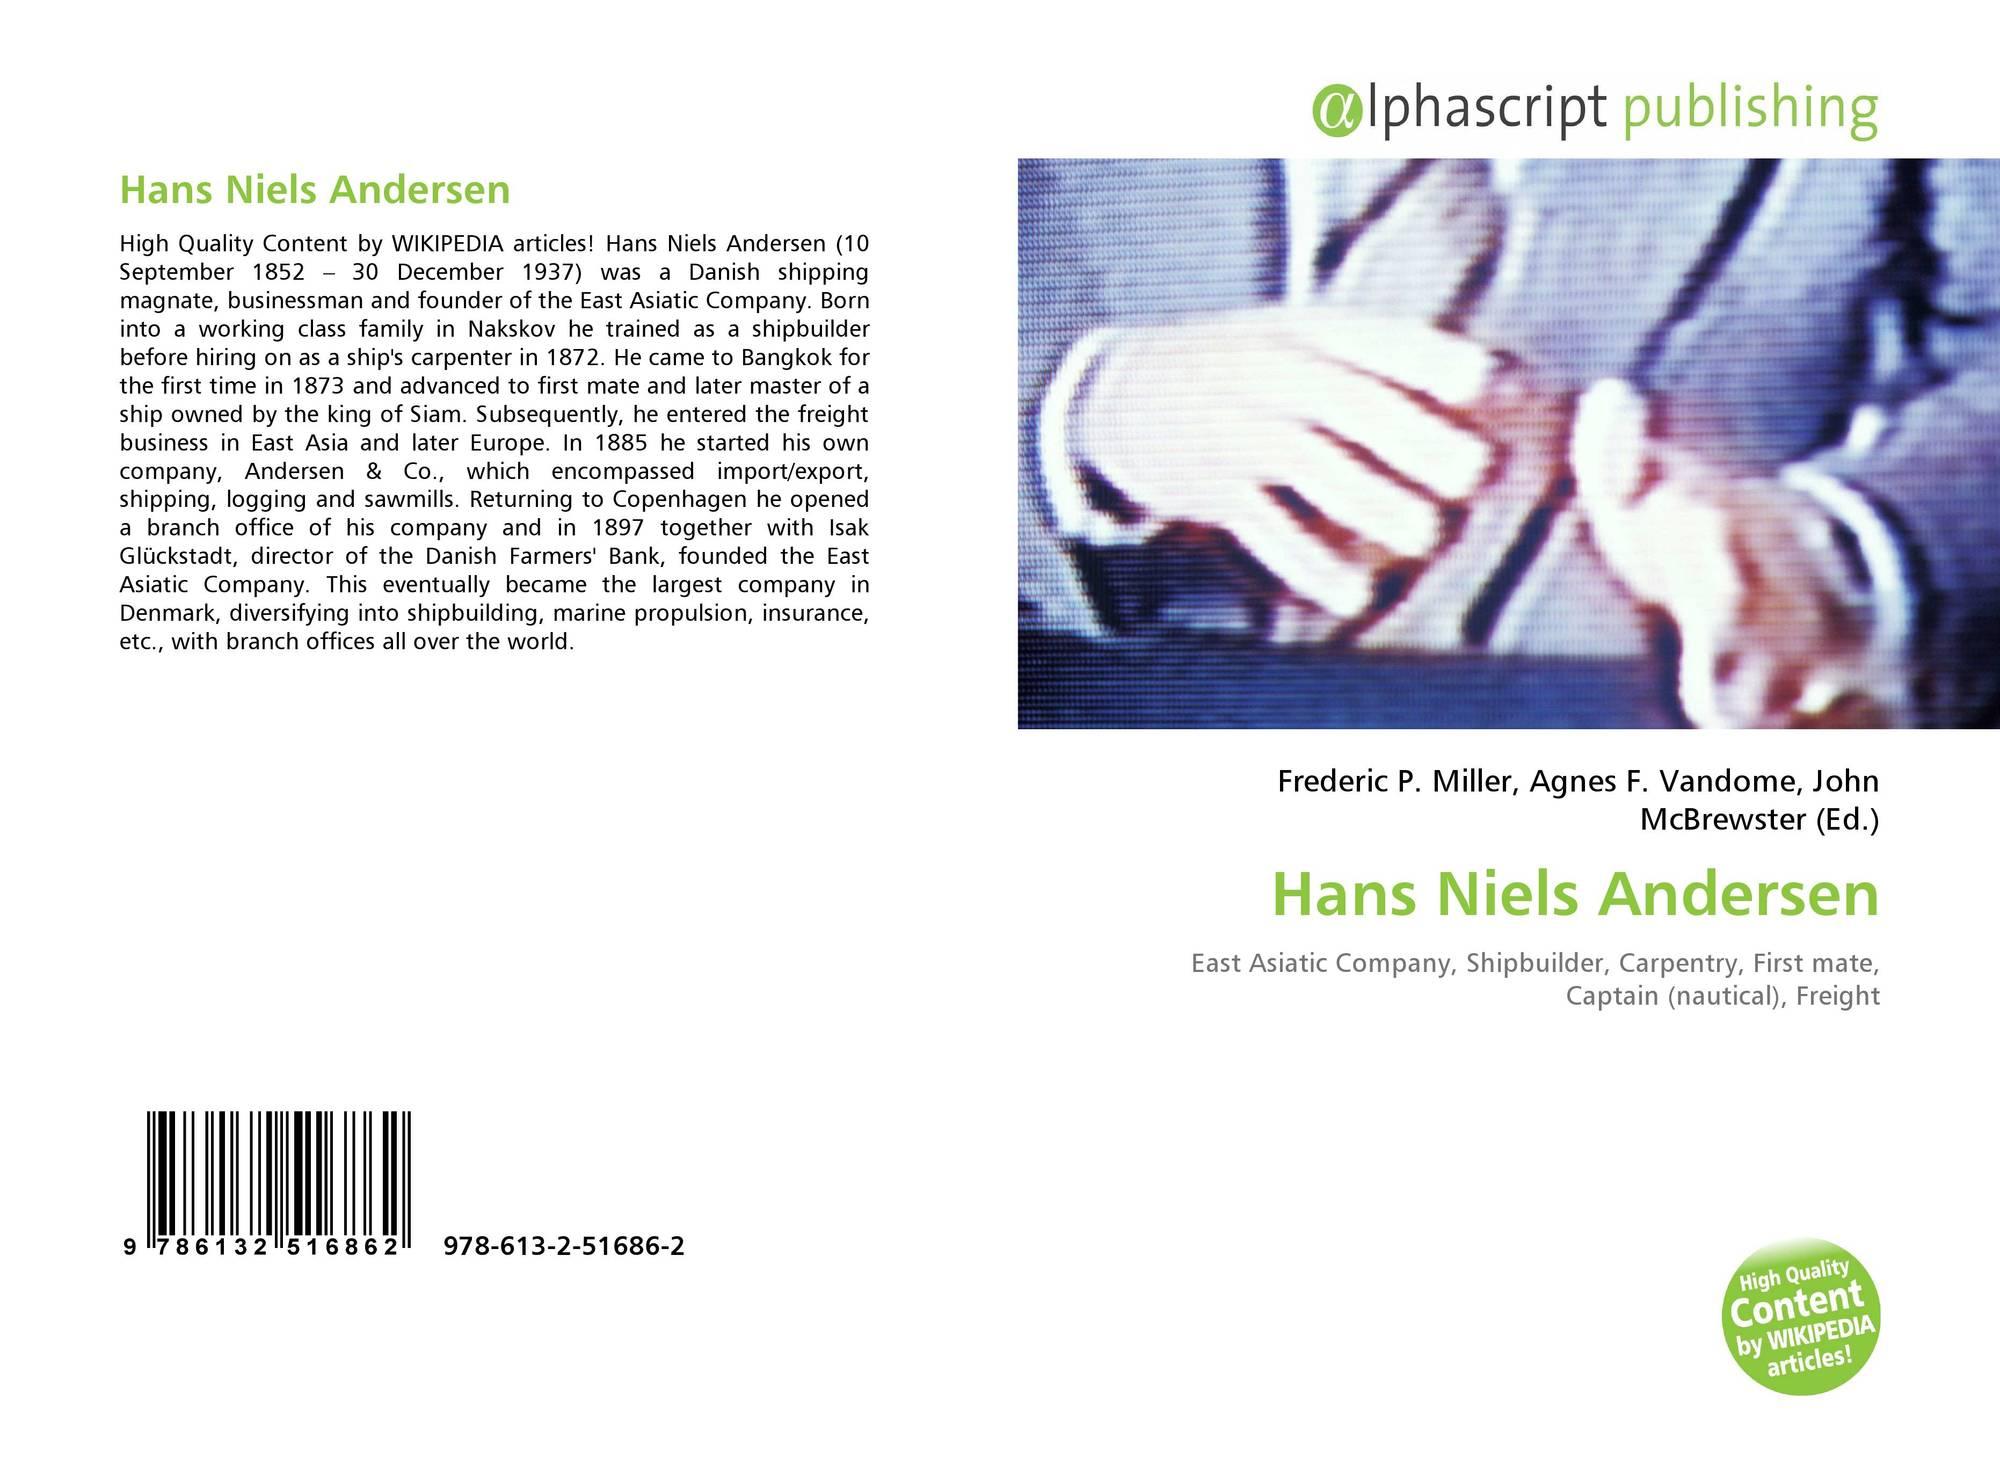 Hans Niels Andersen